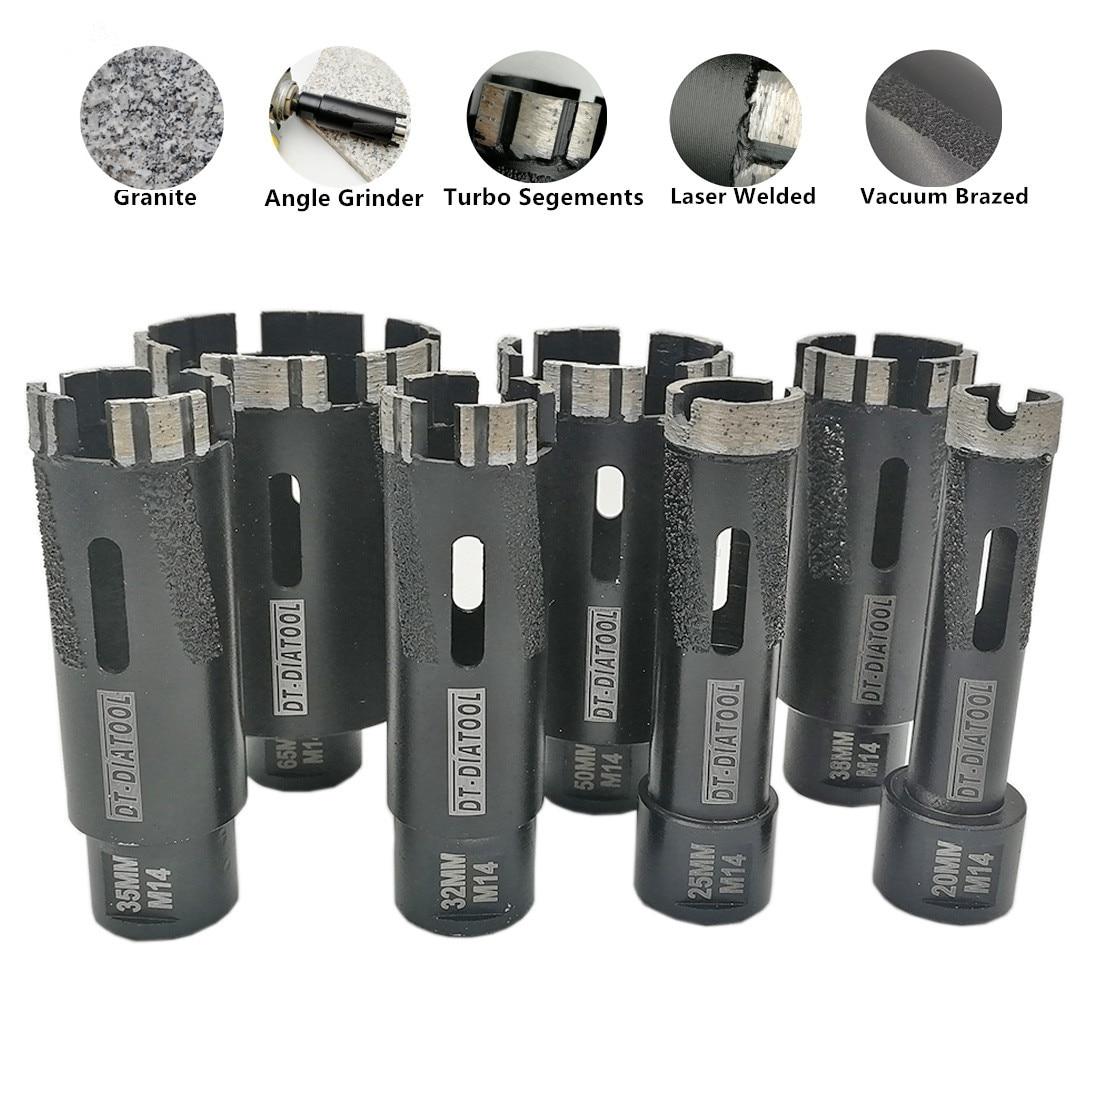 DT-DIATOOL 1 шт. лазерные сварные турбосегменты, сухая алмазная пила для отверстий, сухие сверлильные сердечники M14 или 5/8-11, резьба для гранита, мр...